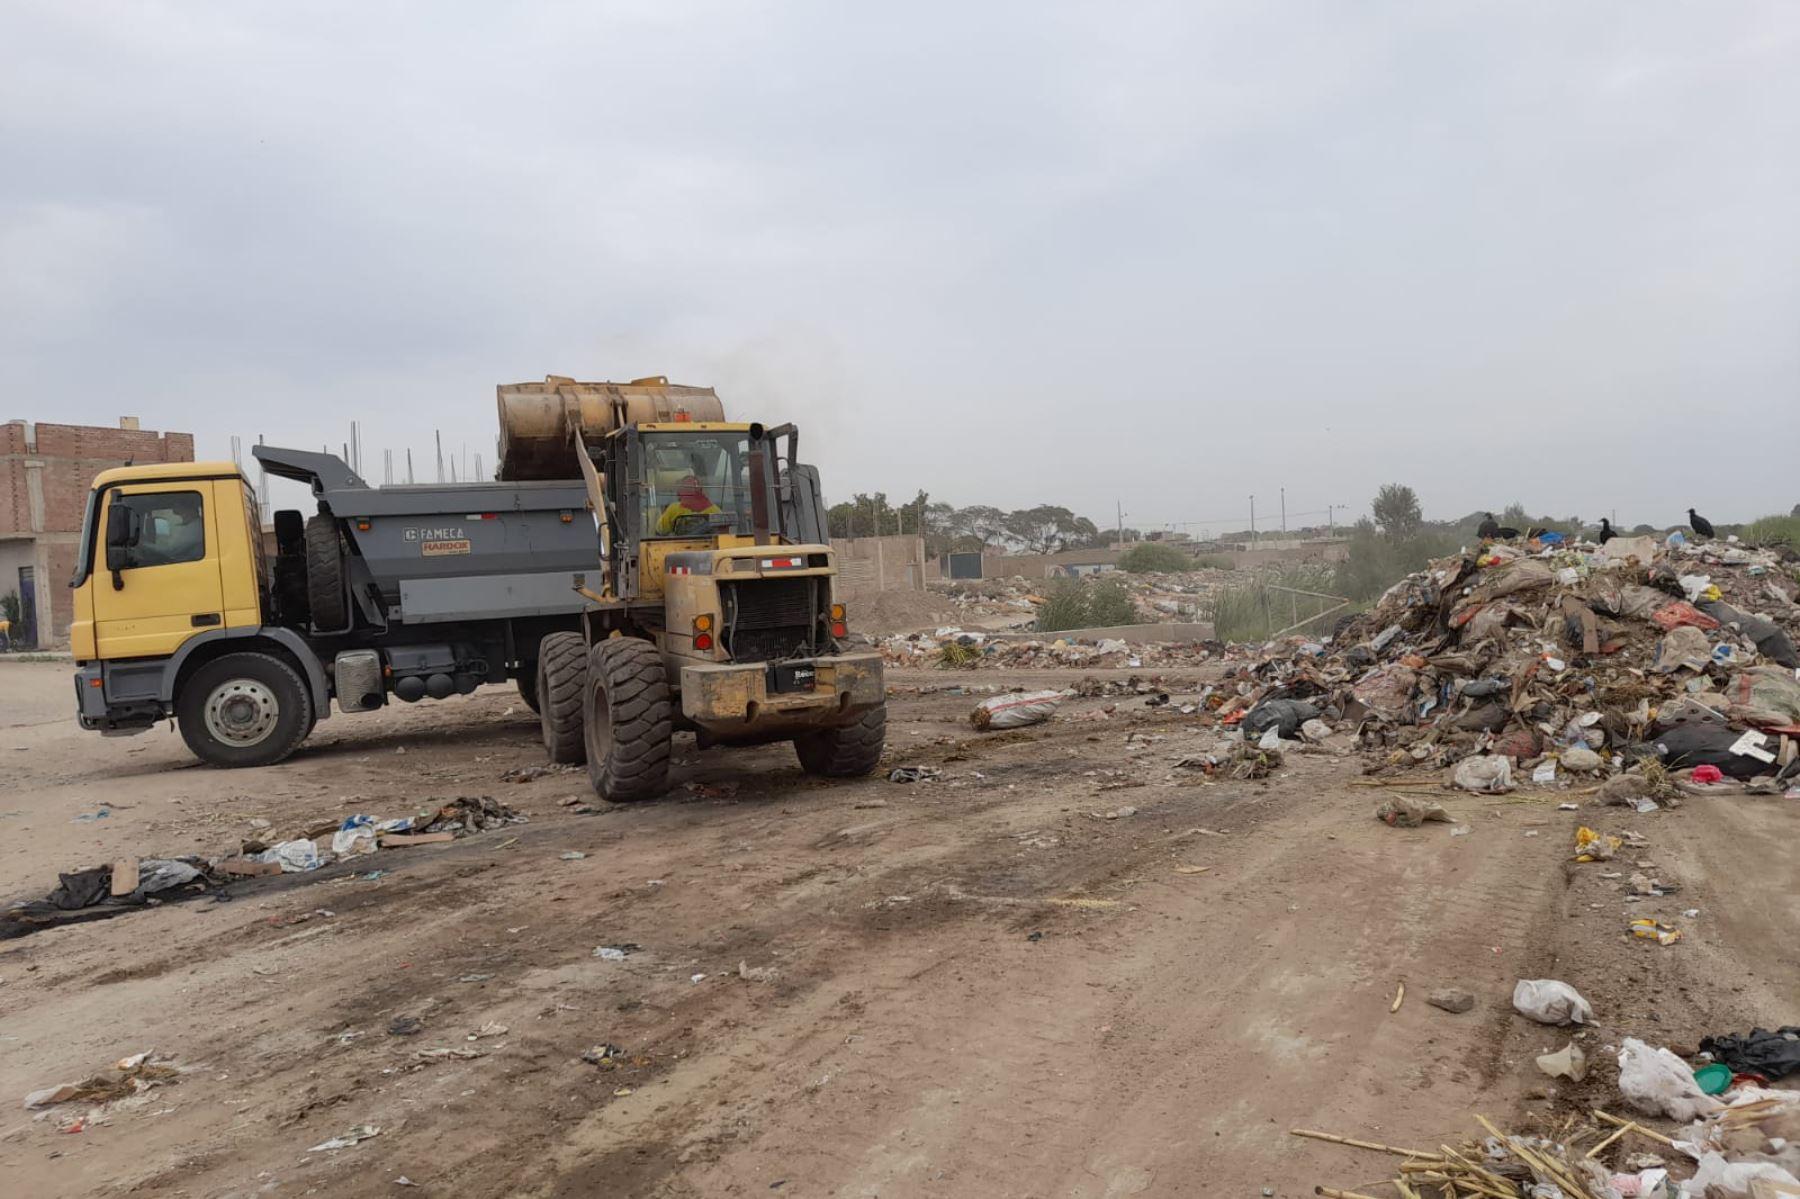 erradican-cerca-de-950-metros-cubicos-de-residuos-solidos-de-calles-de-chiclayo